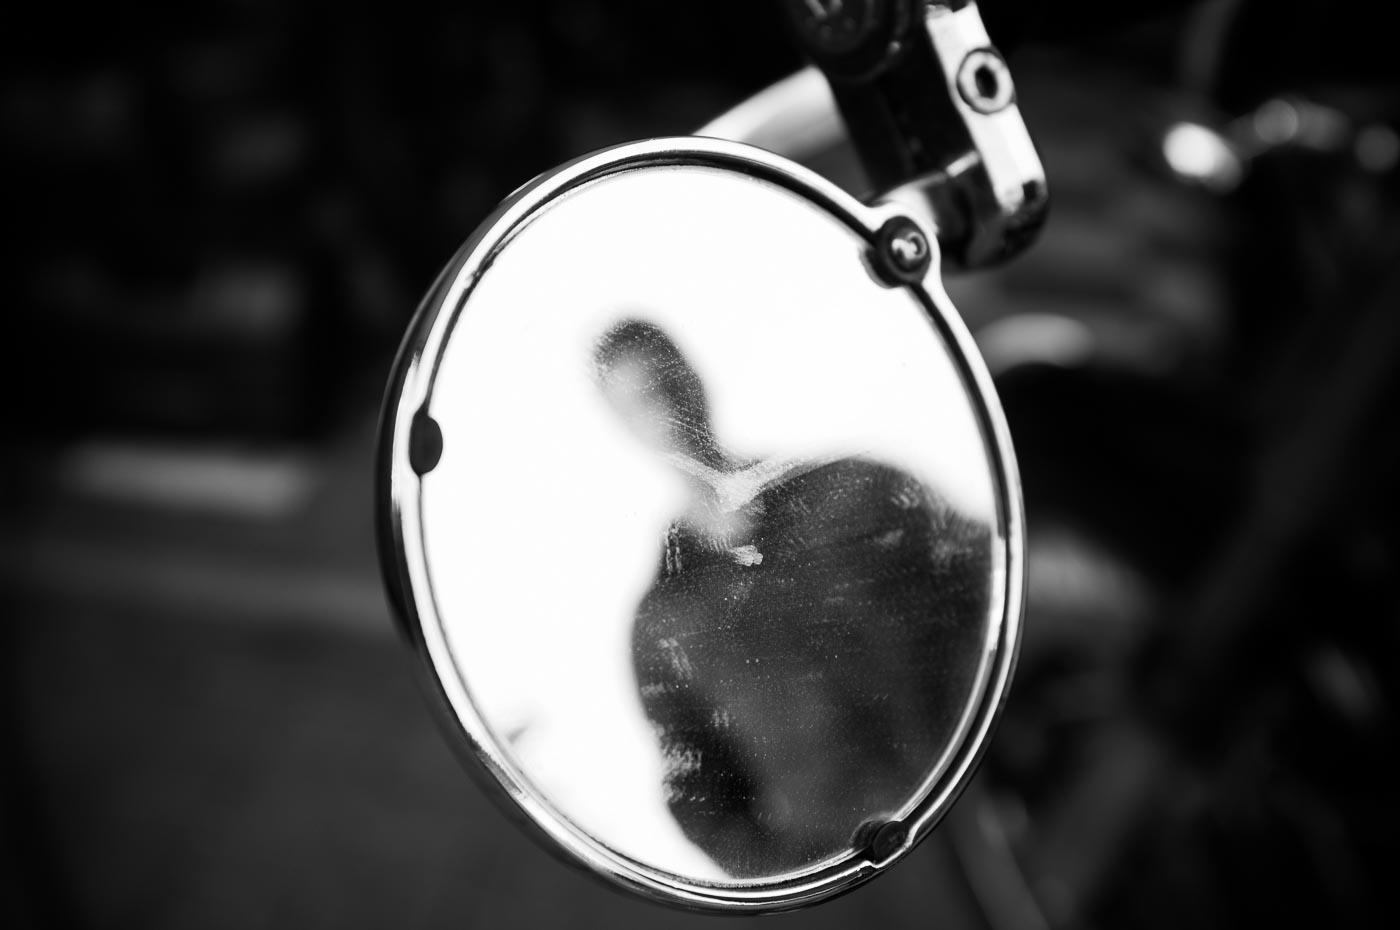 WilkieVintage_Motorcycle_Projects @ Alan Thomas Duncan Wilkie-53.jpg